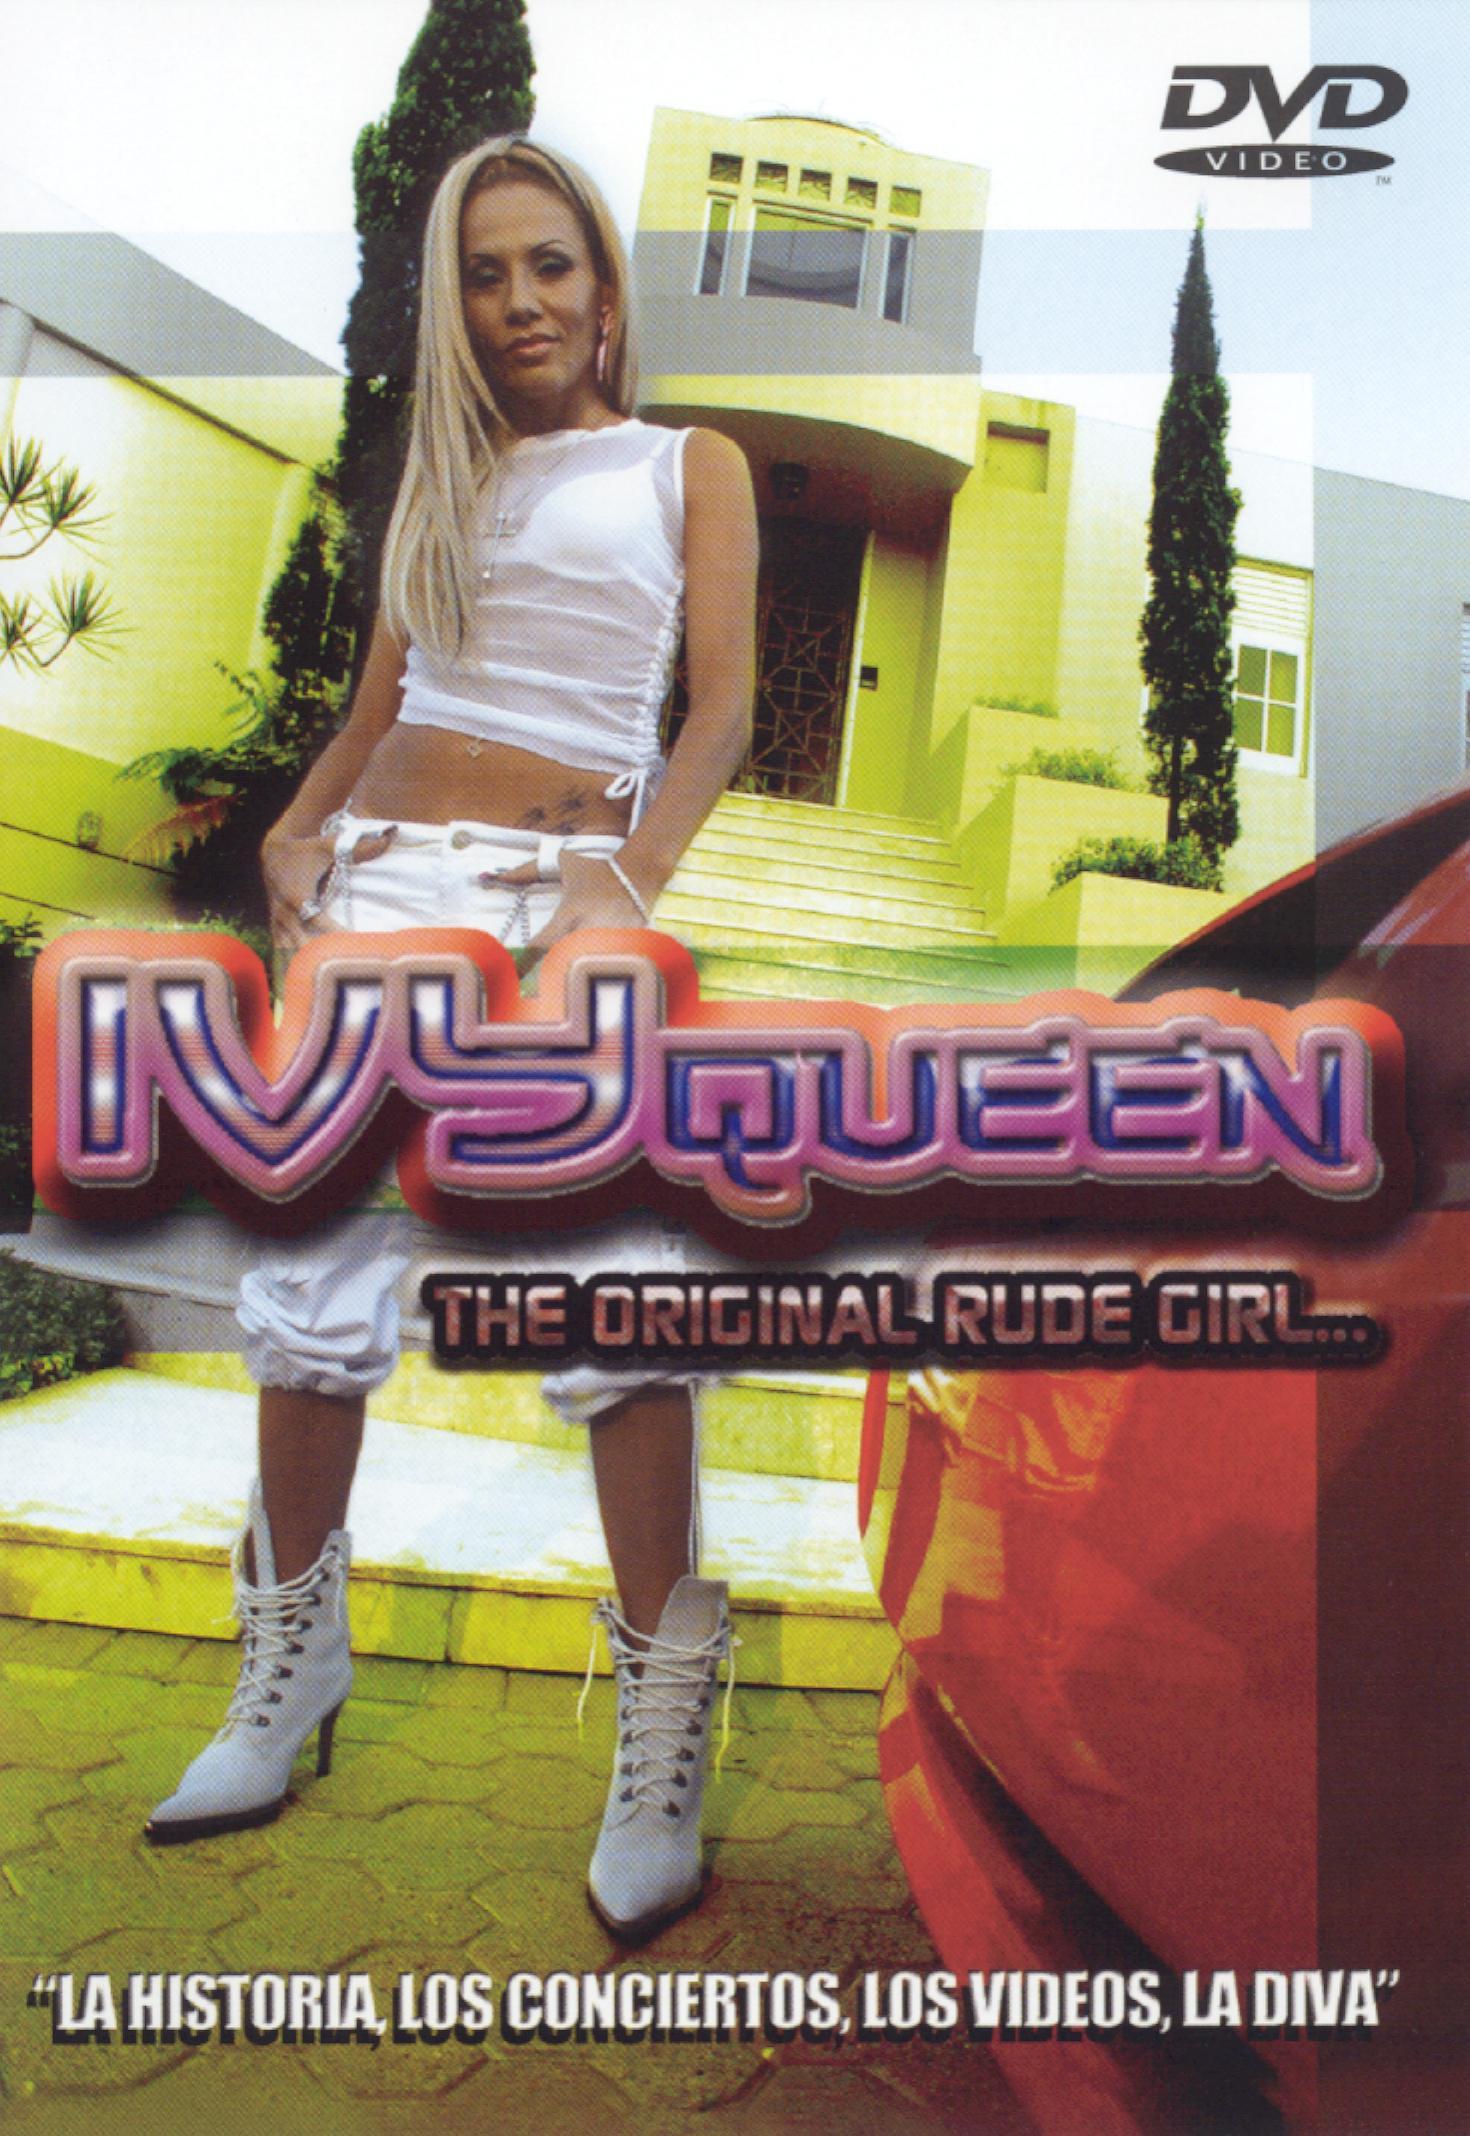 Ivy Queen: Diva